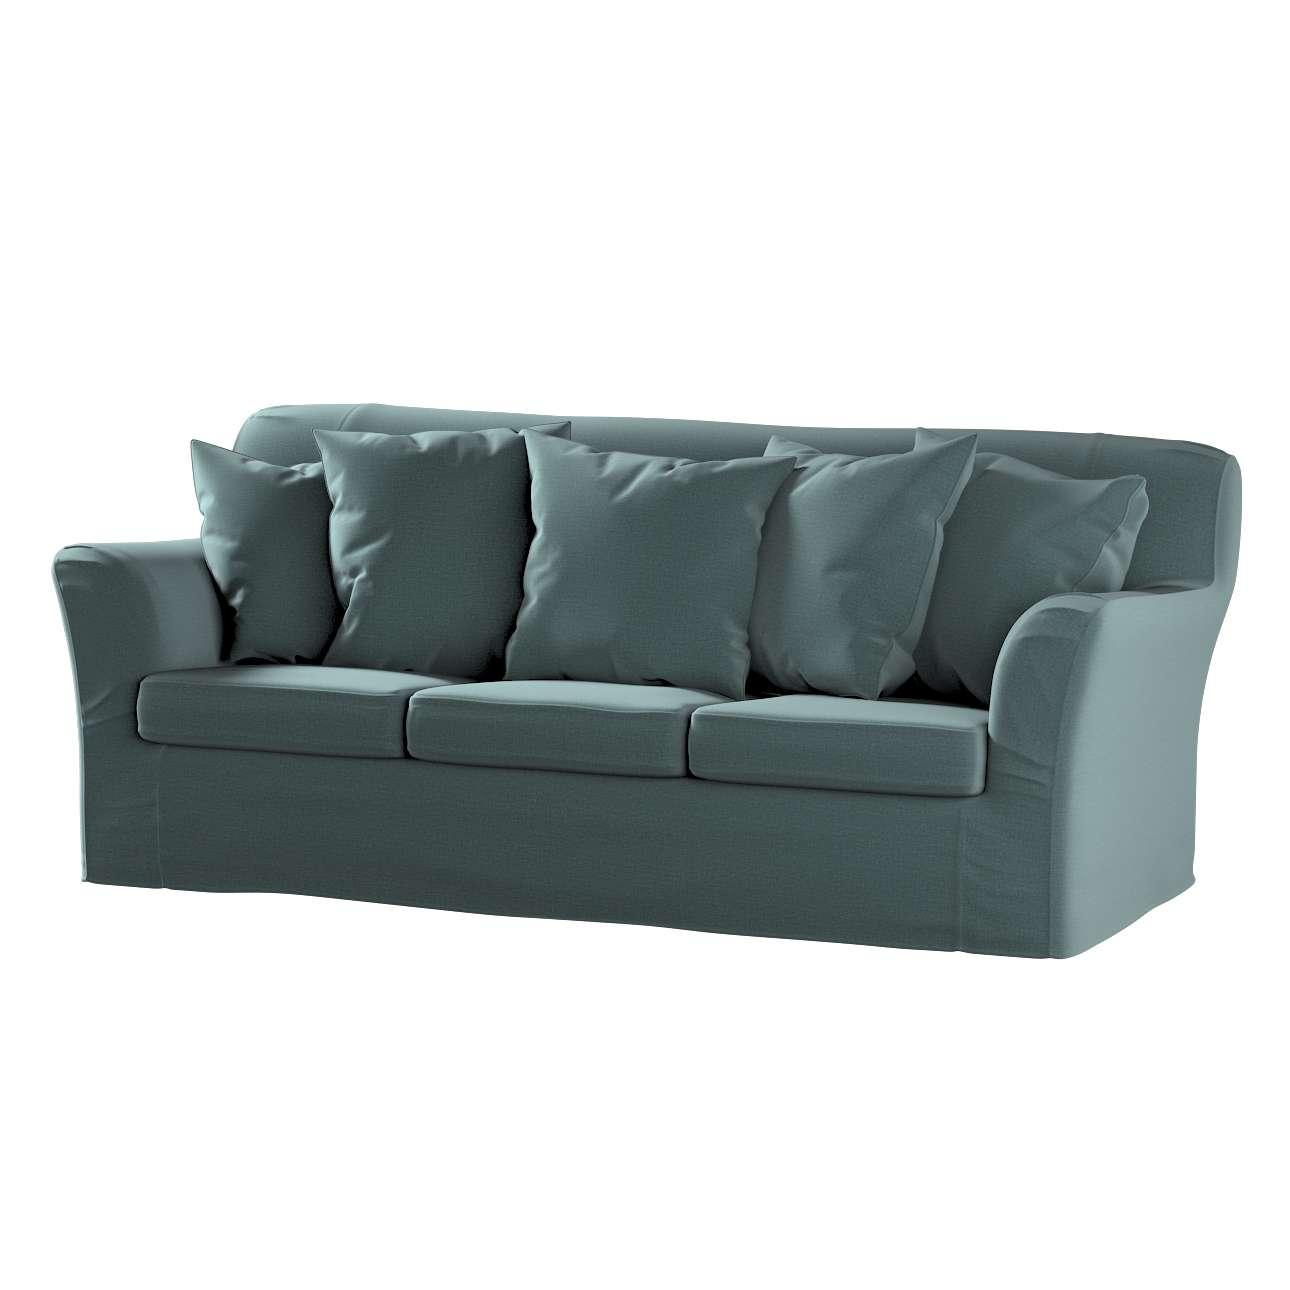 Pokrowiec na sofę Tomelilla 3-osobową nierozkładaną w kolekcji Ingrid, tkanina: 705-36